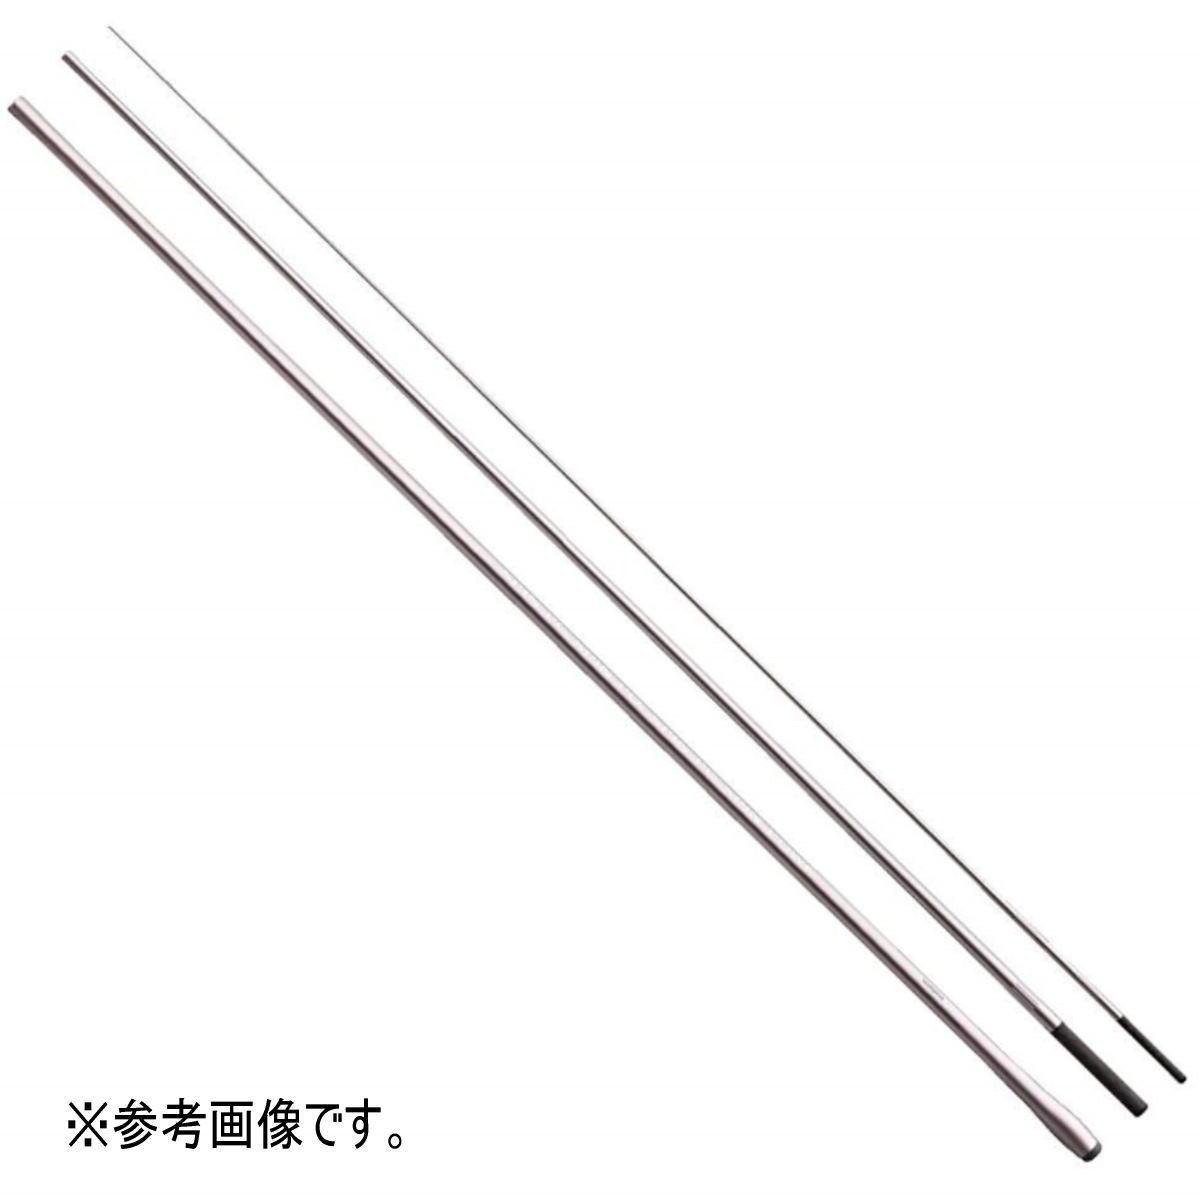 【送料込み5】シマノ スピンパワー [並継] 405EX (ST)